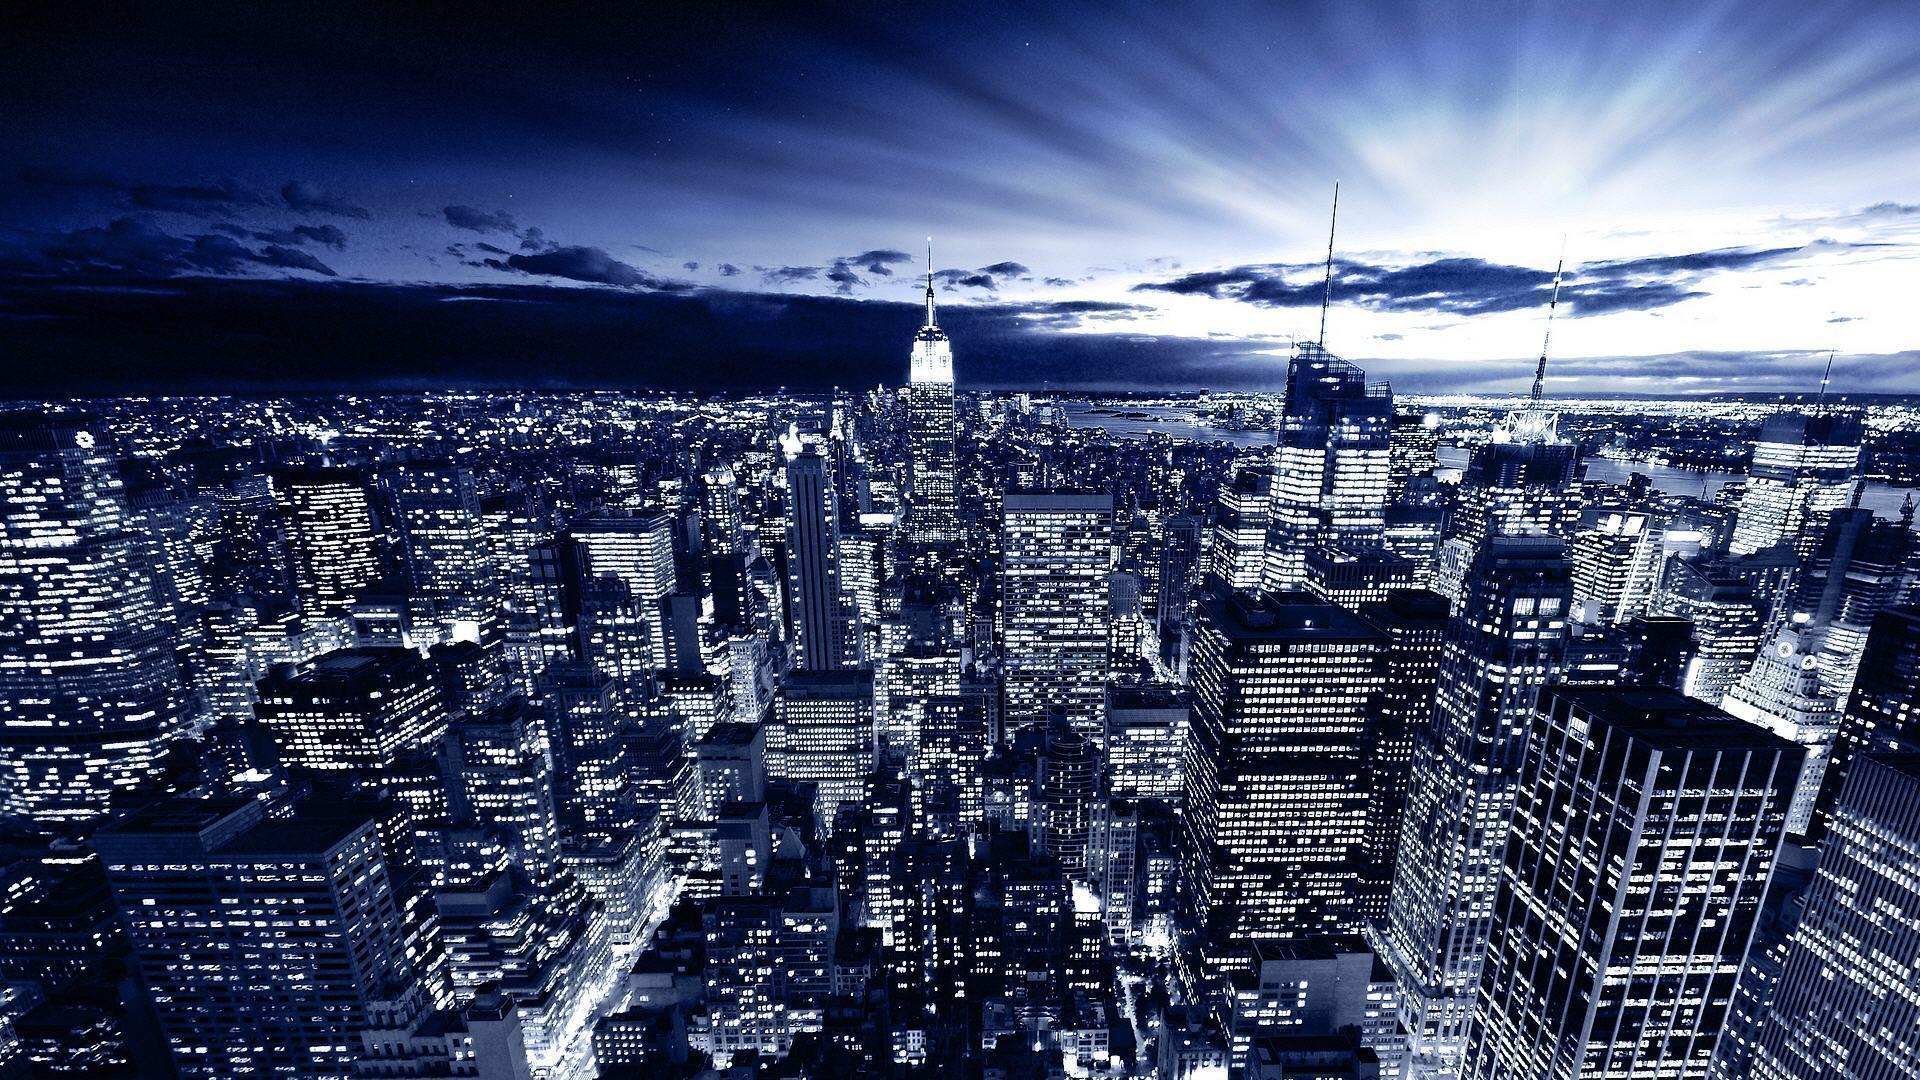 new york at night - photo #31